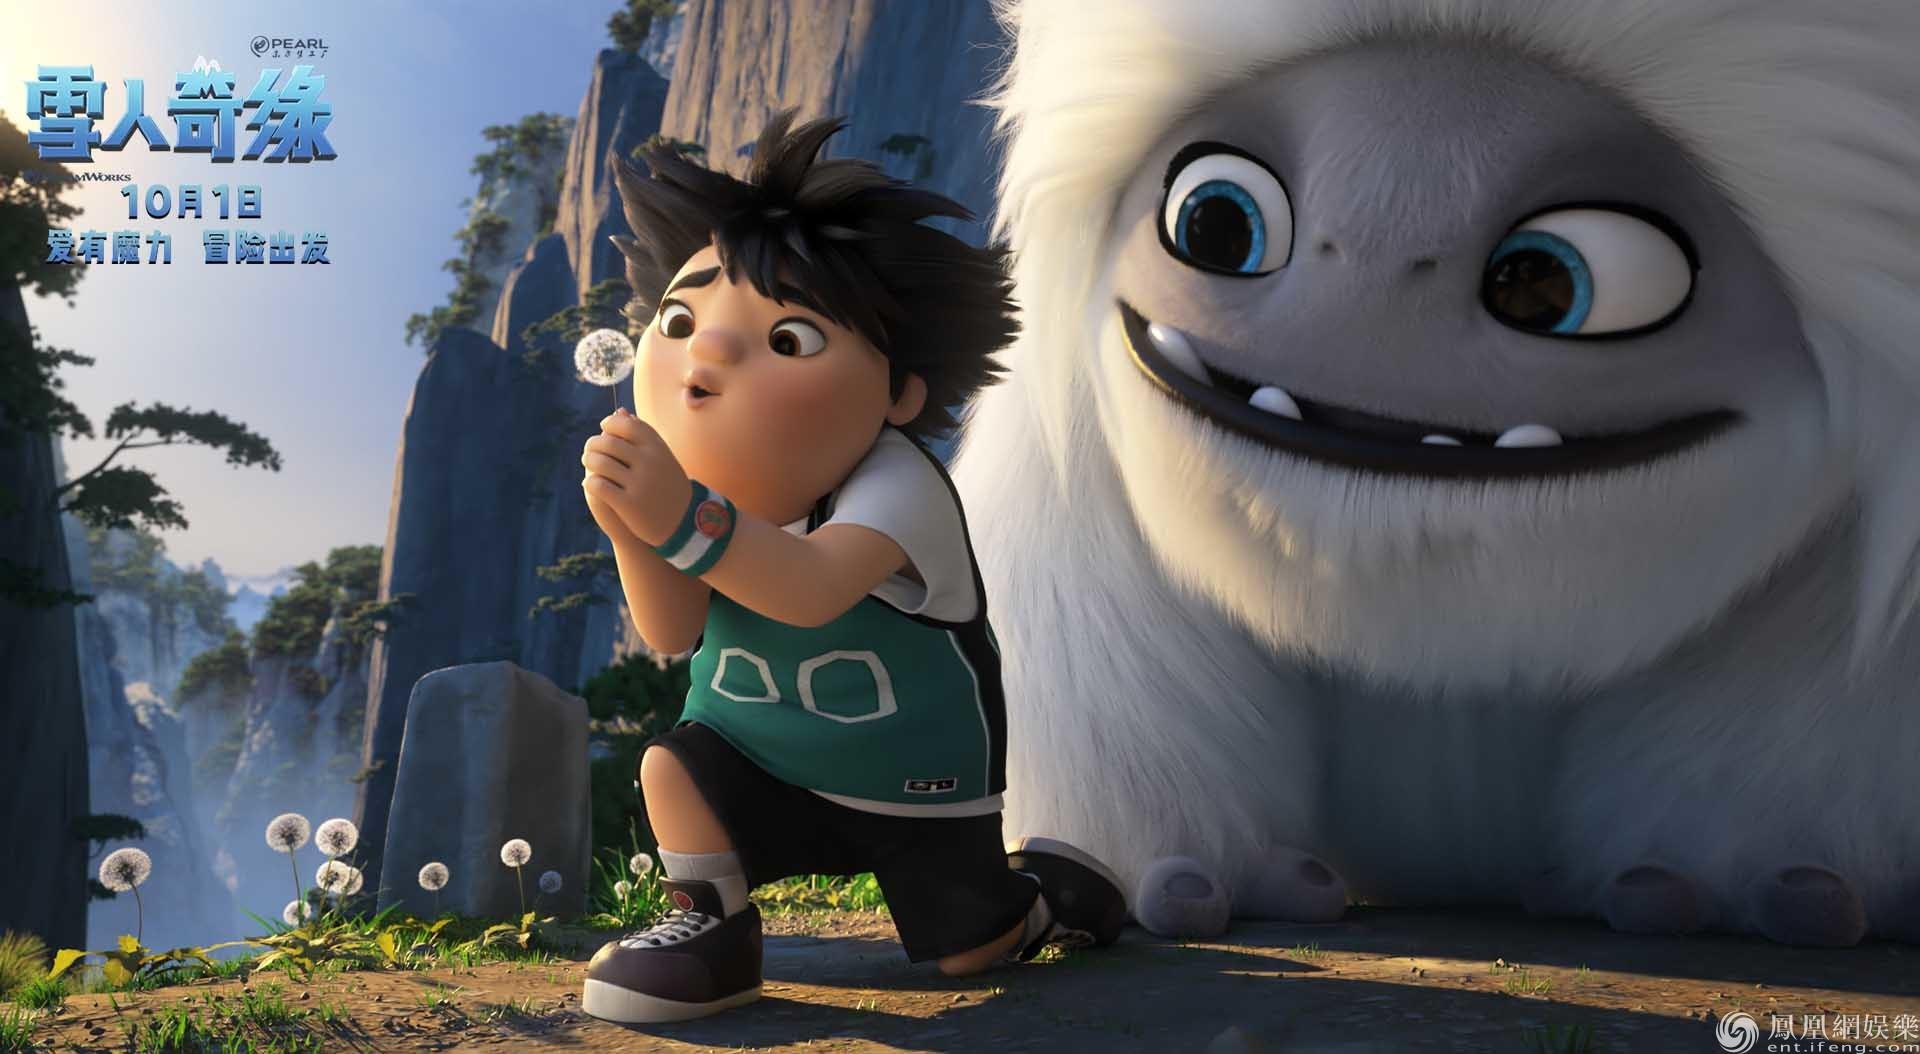 《雪人奇缘》全球首映惊艳多伦 多中华美景征服世界